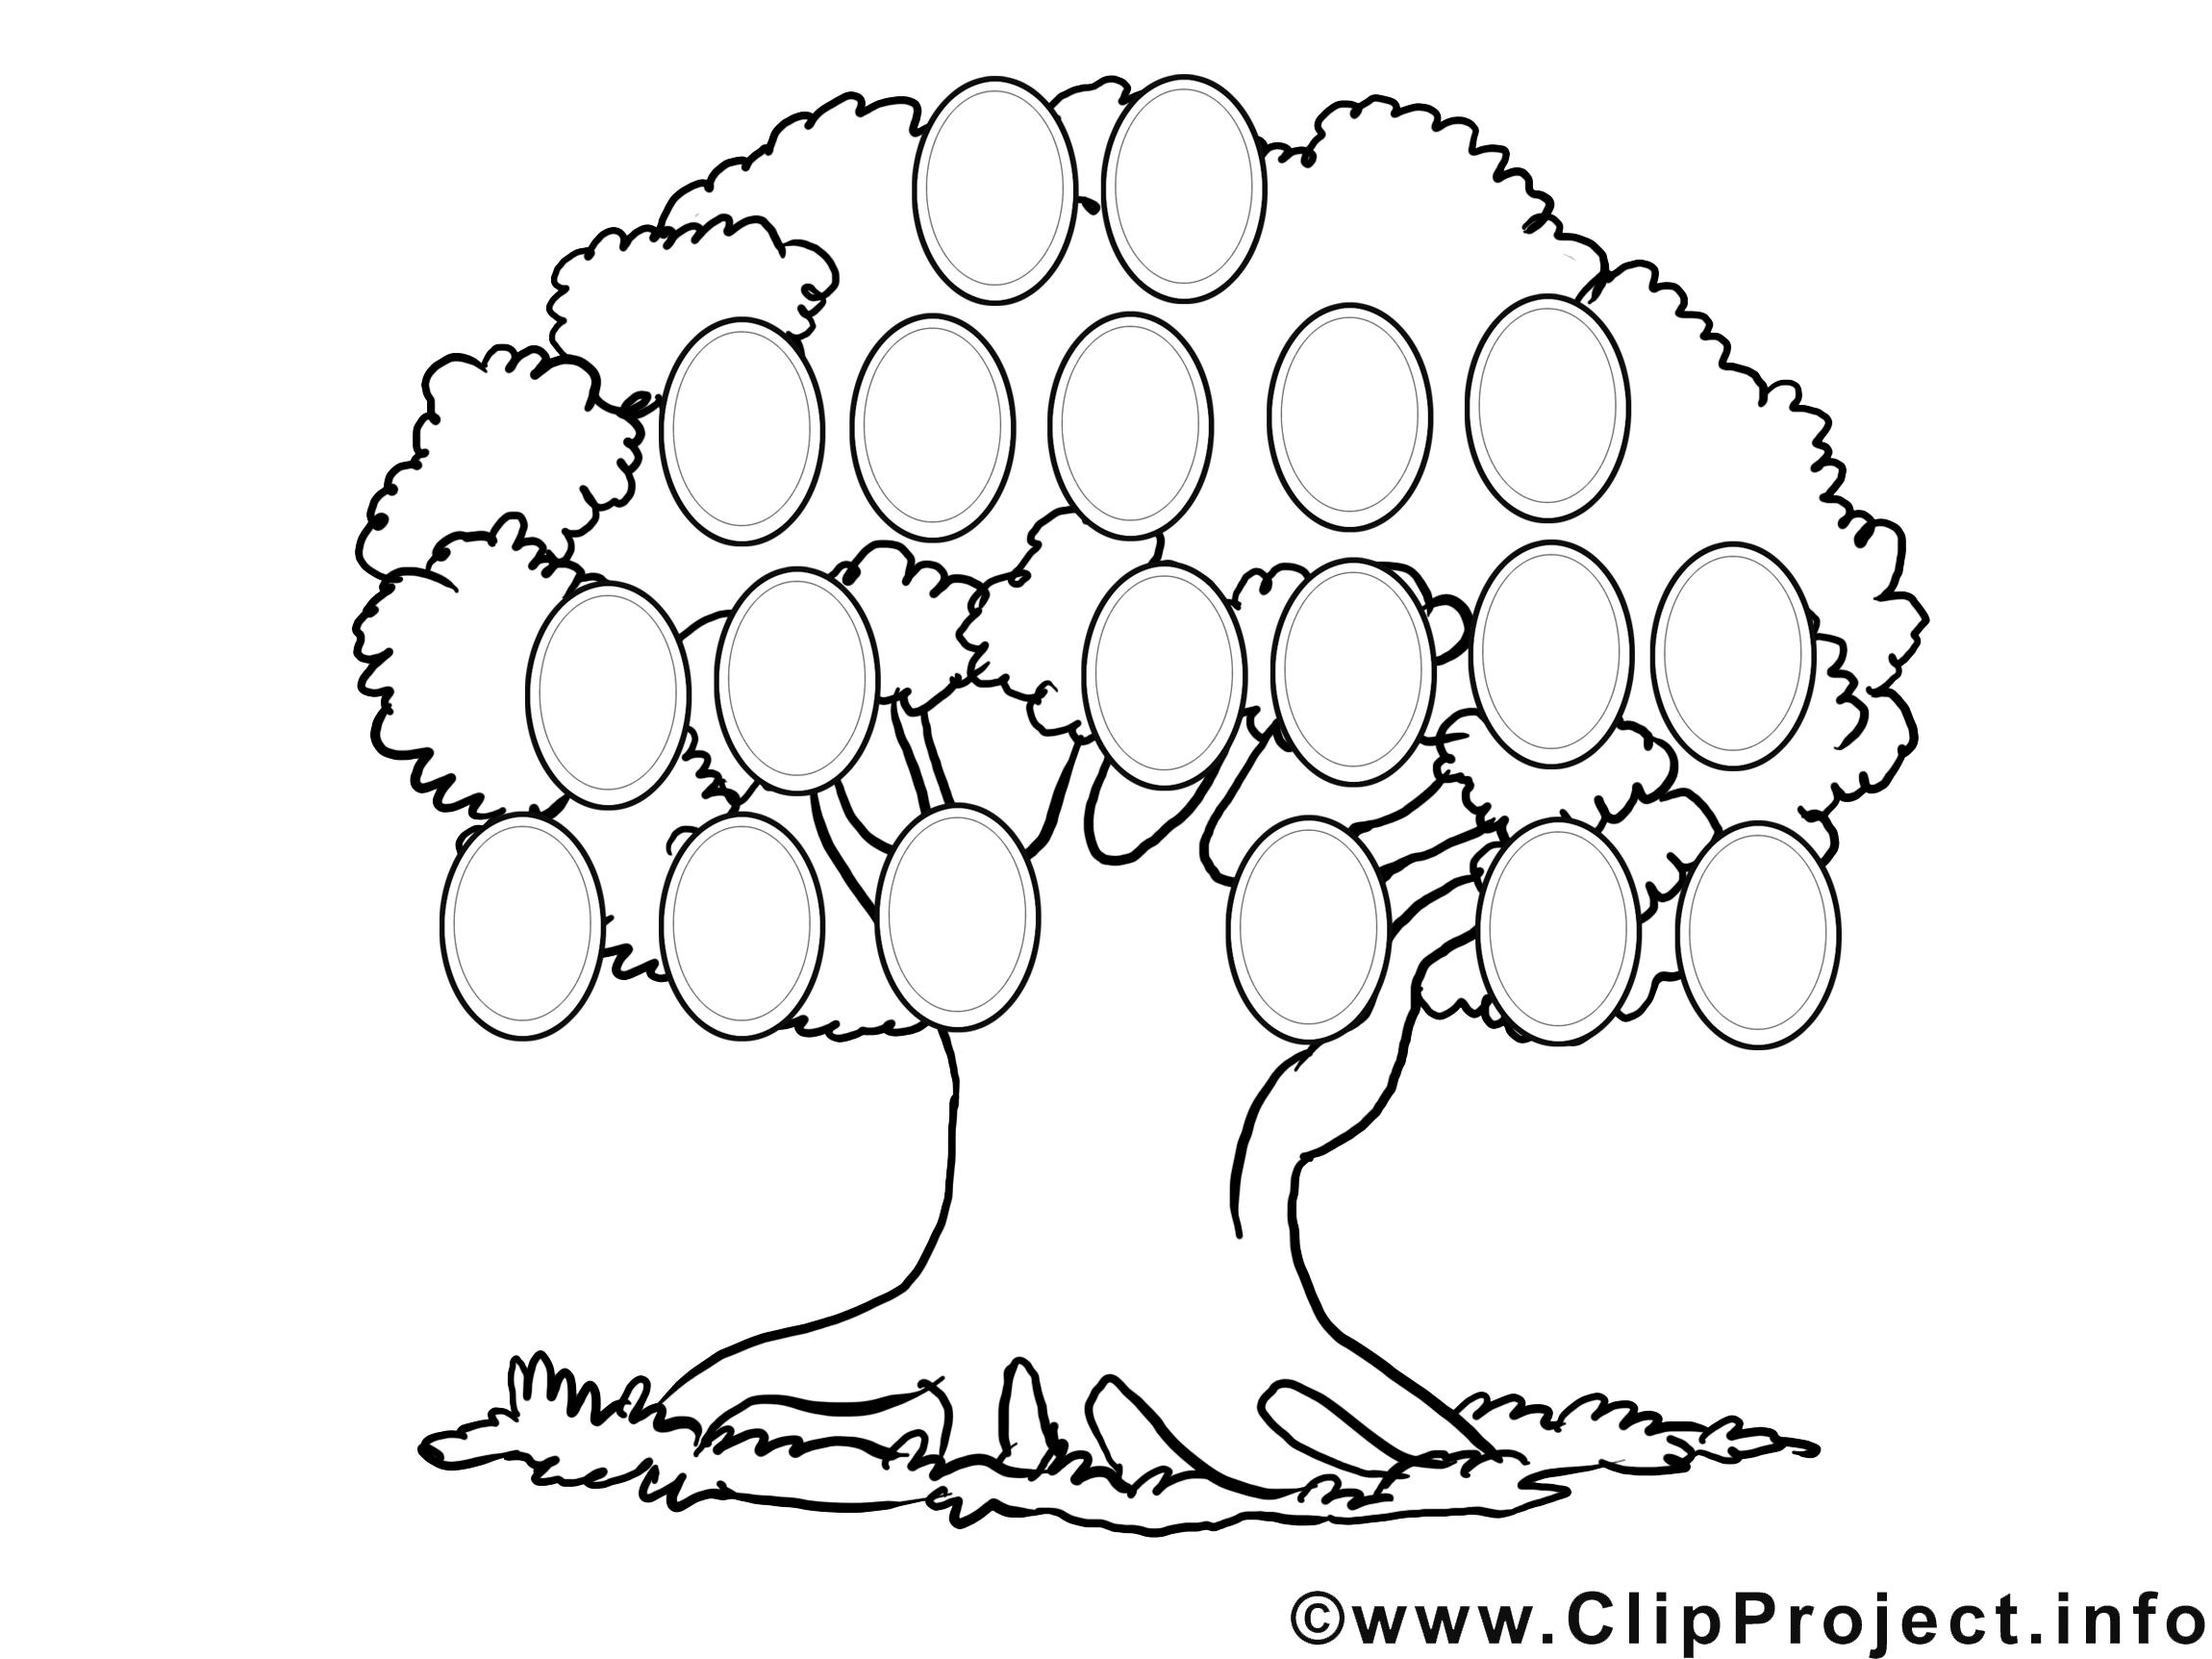 Stammbaum Vorlage kostenlos